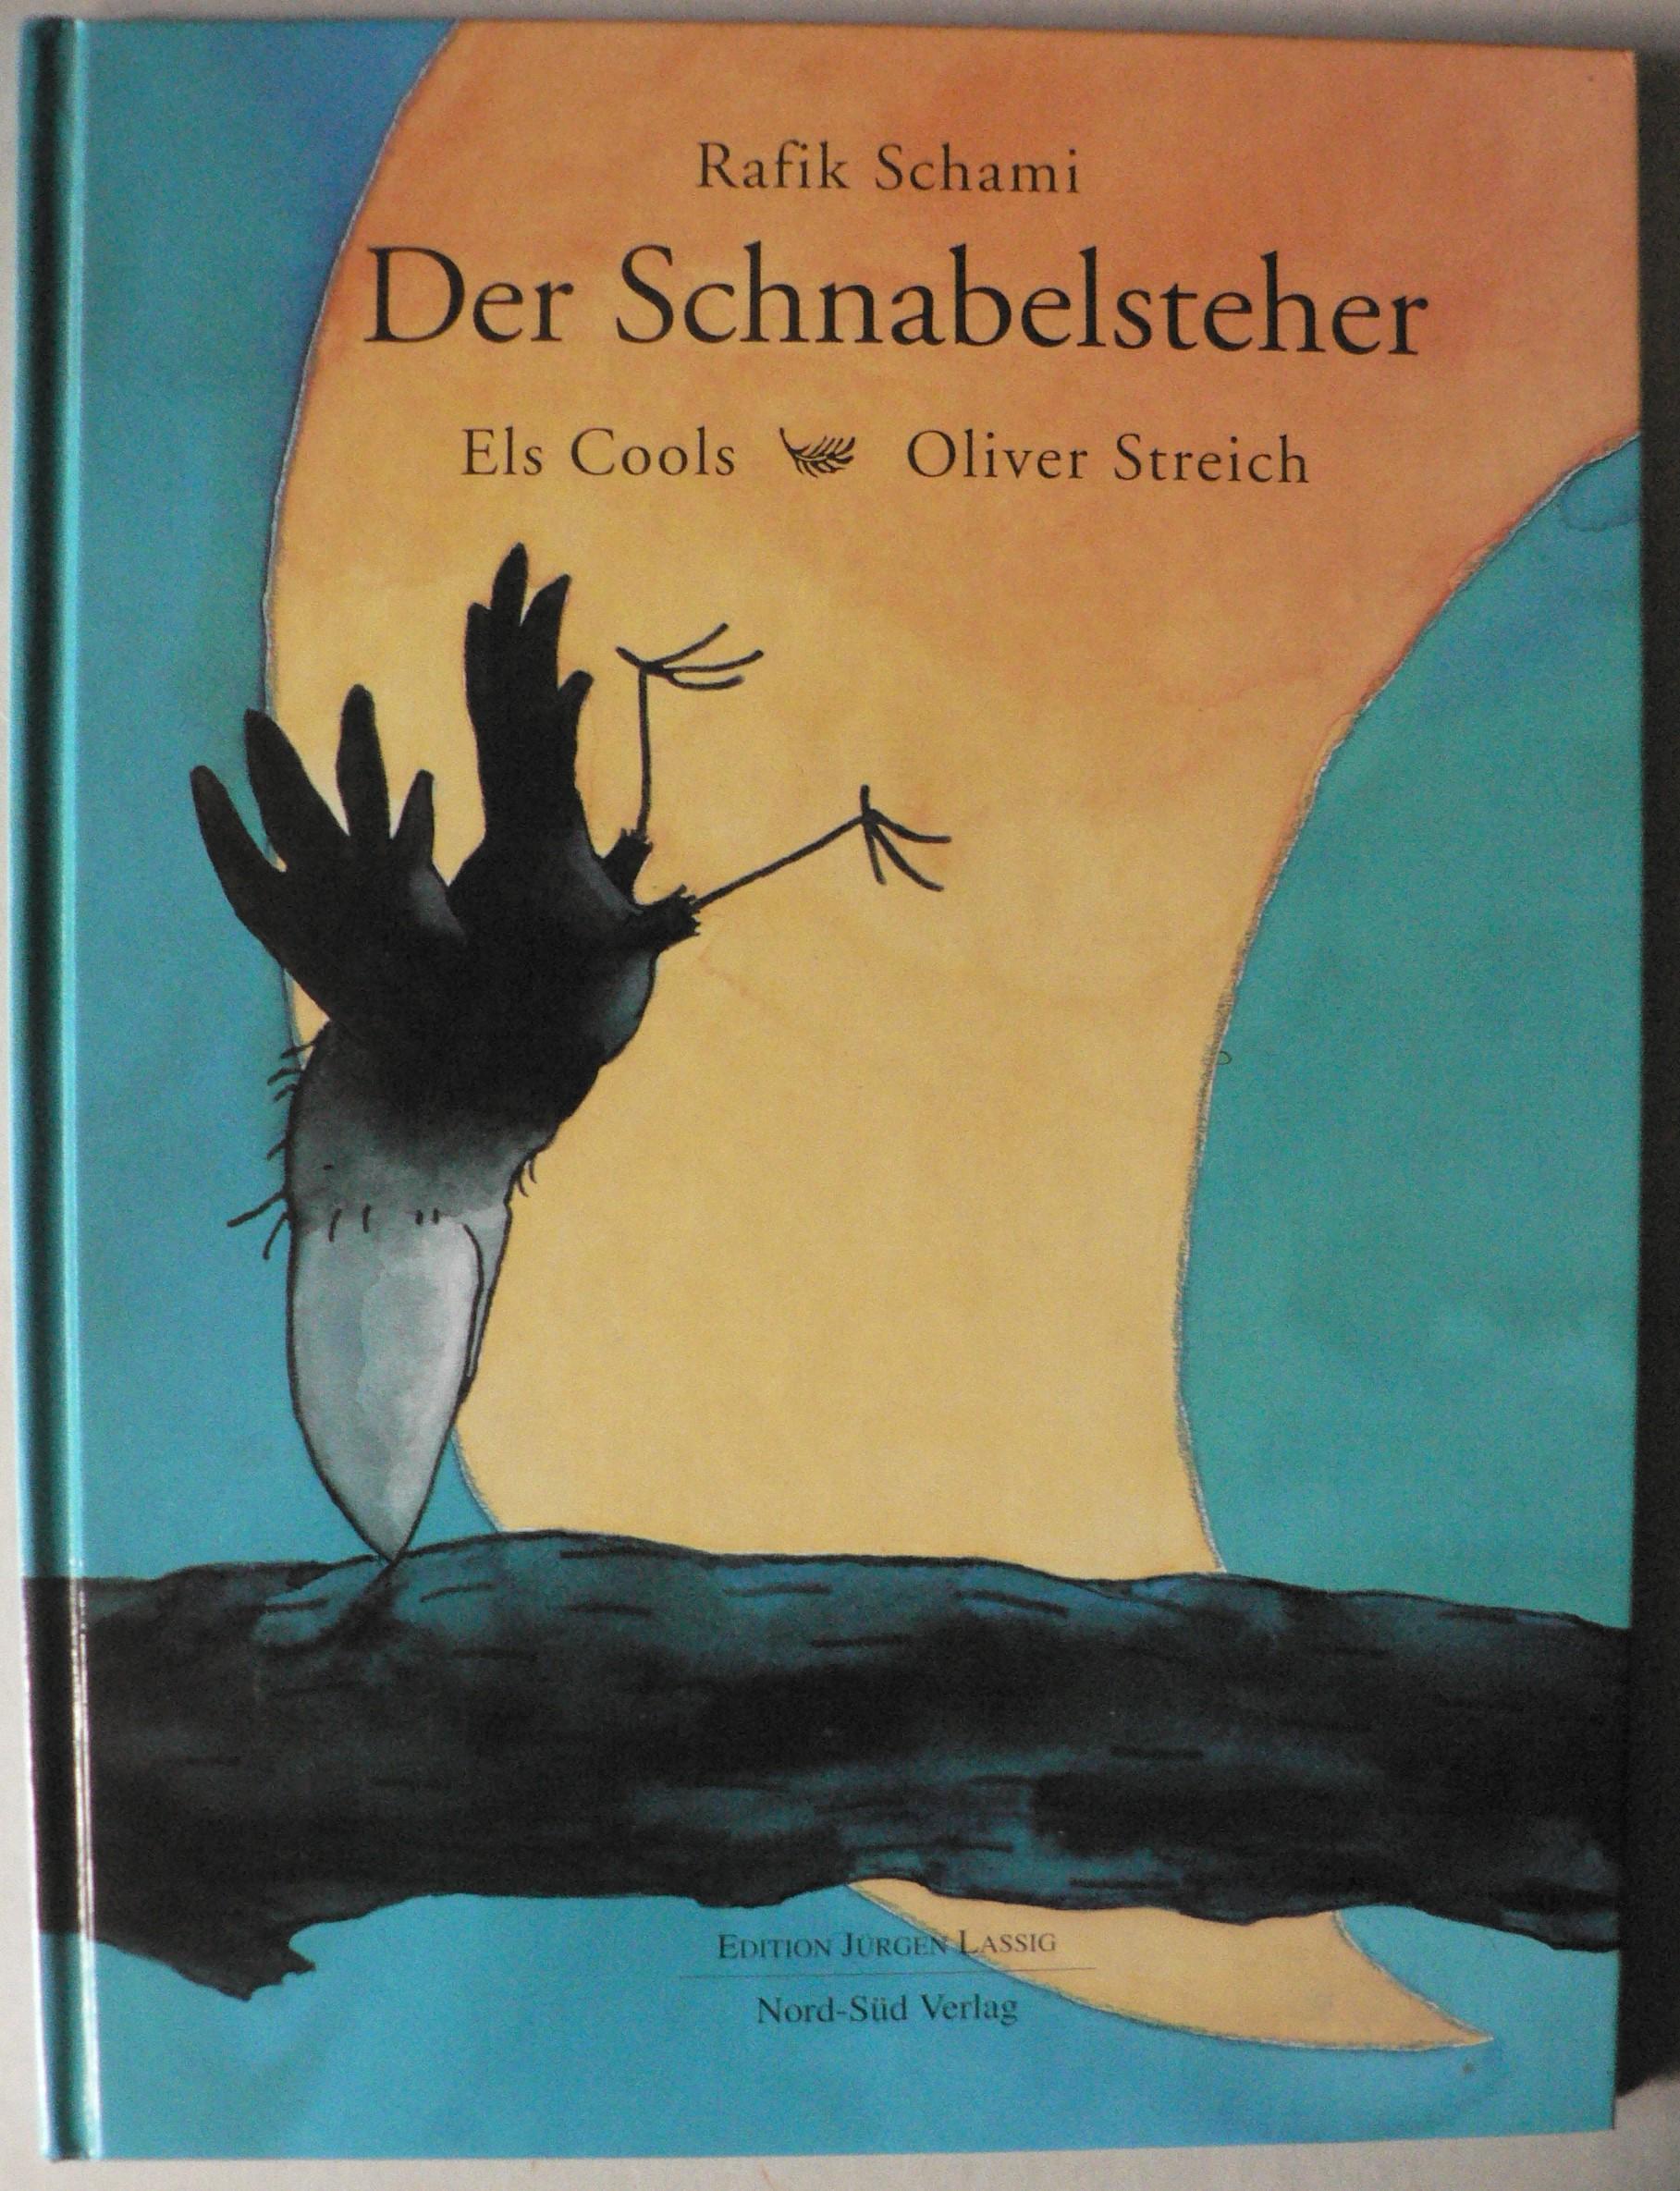 Schami, Rafik/Cools, Els & Streich, Oliver (Illustr.) Der Schnabelsteher